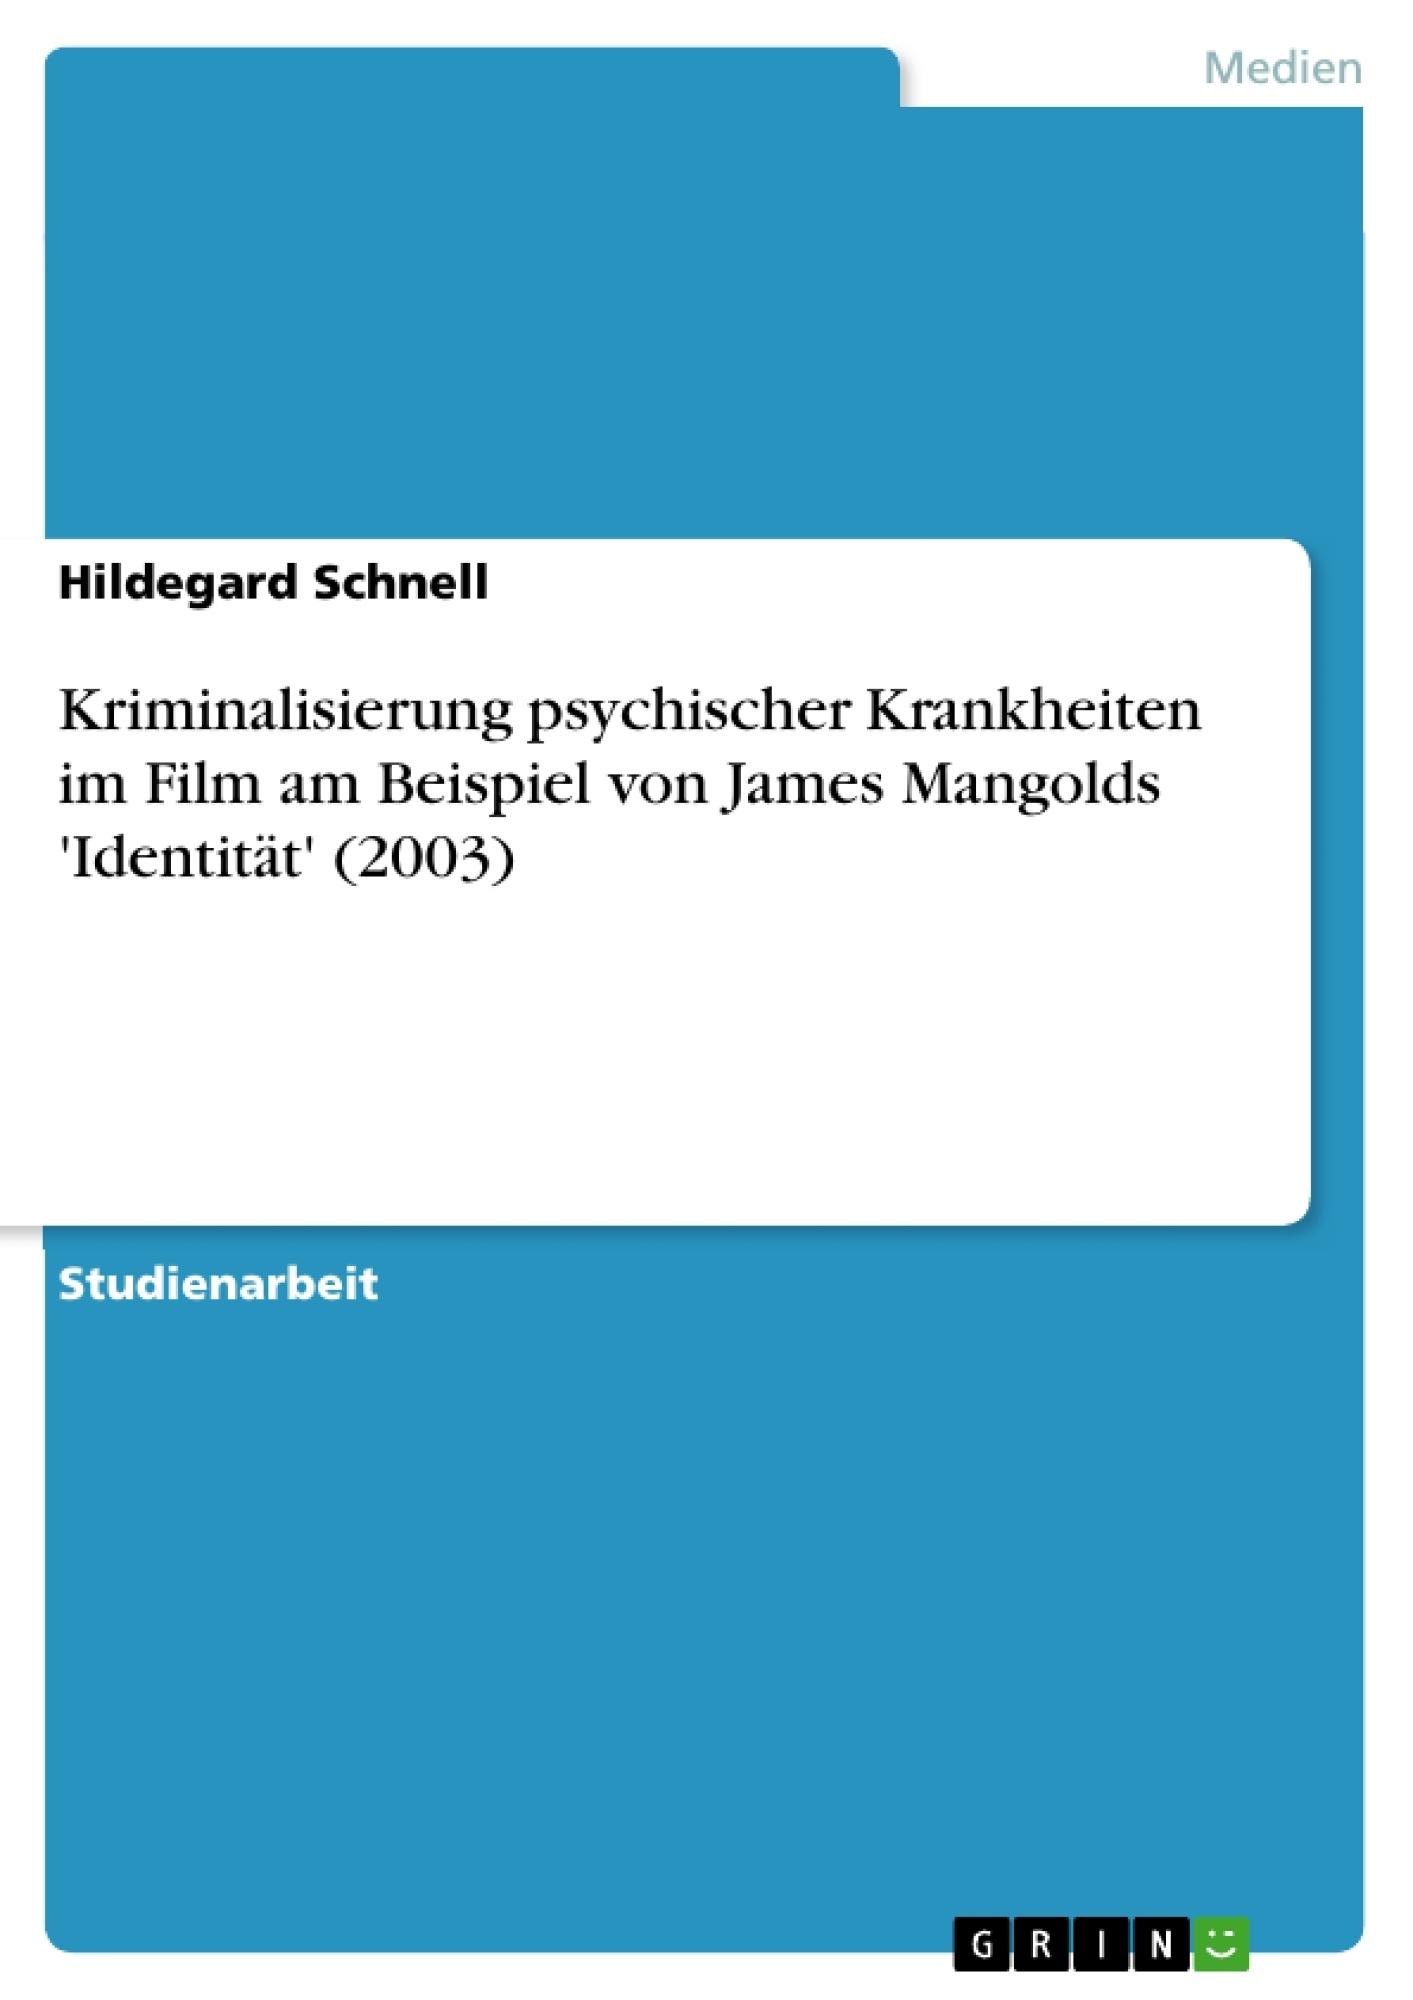 Titel: Kriminalisierung psychischer Krankheiten im Film am Beispiel von James Mangolds 'Identität' (2003)